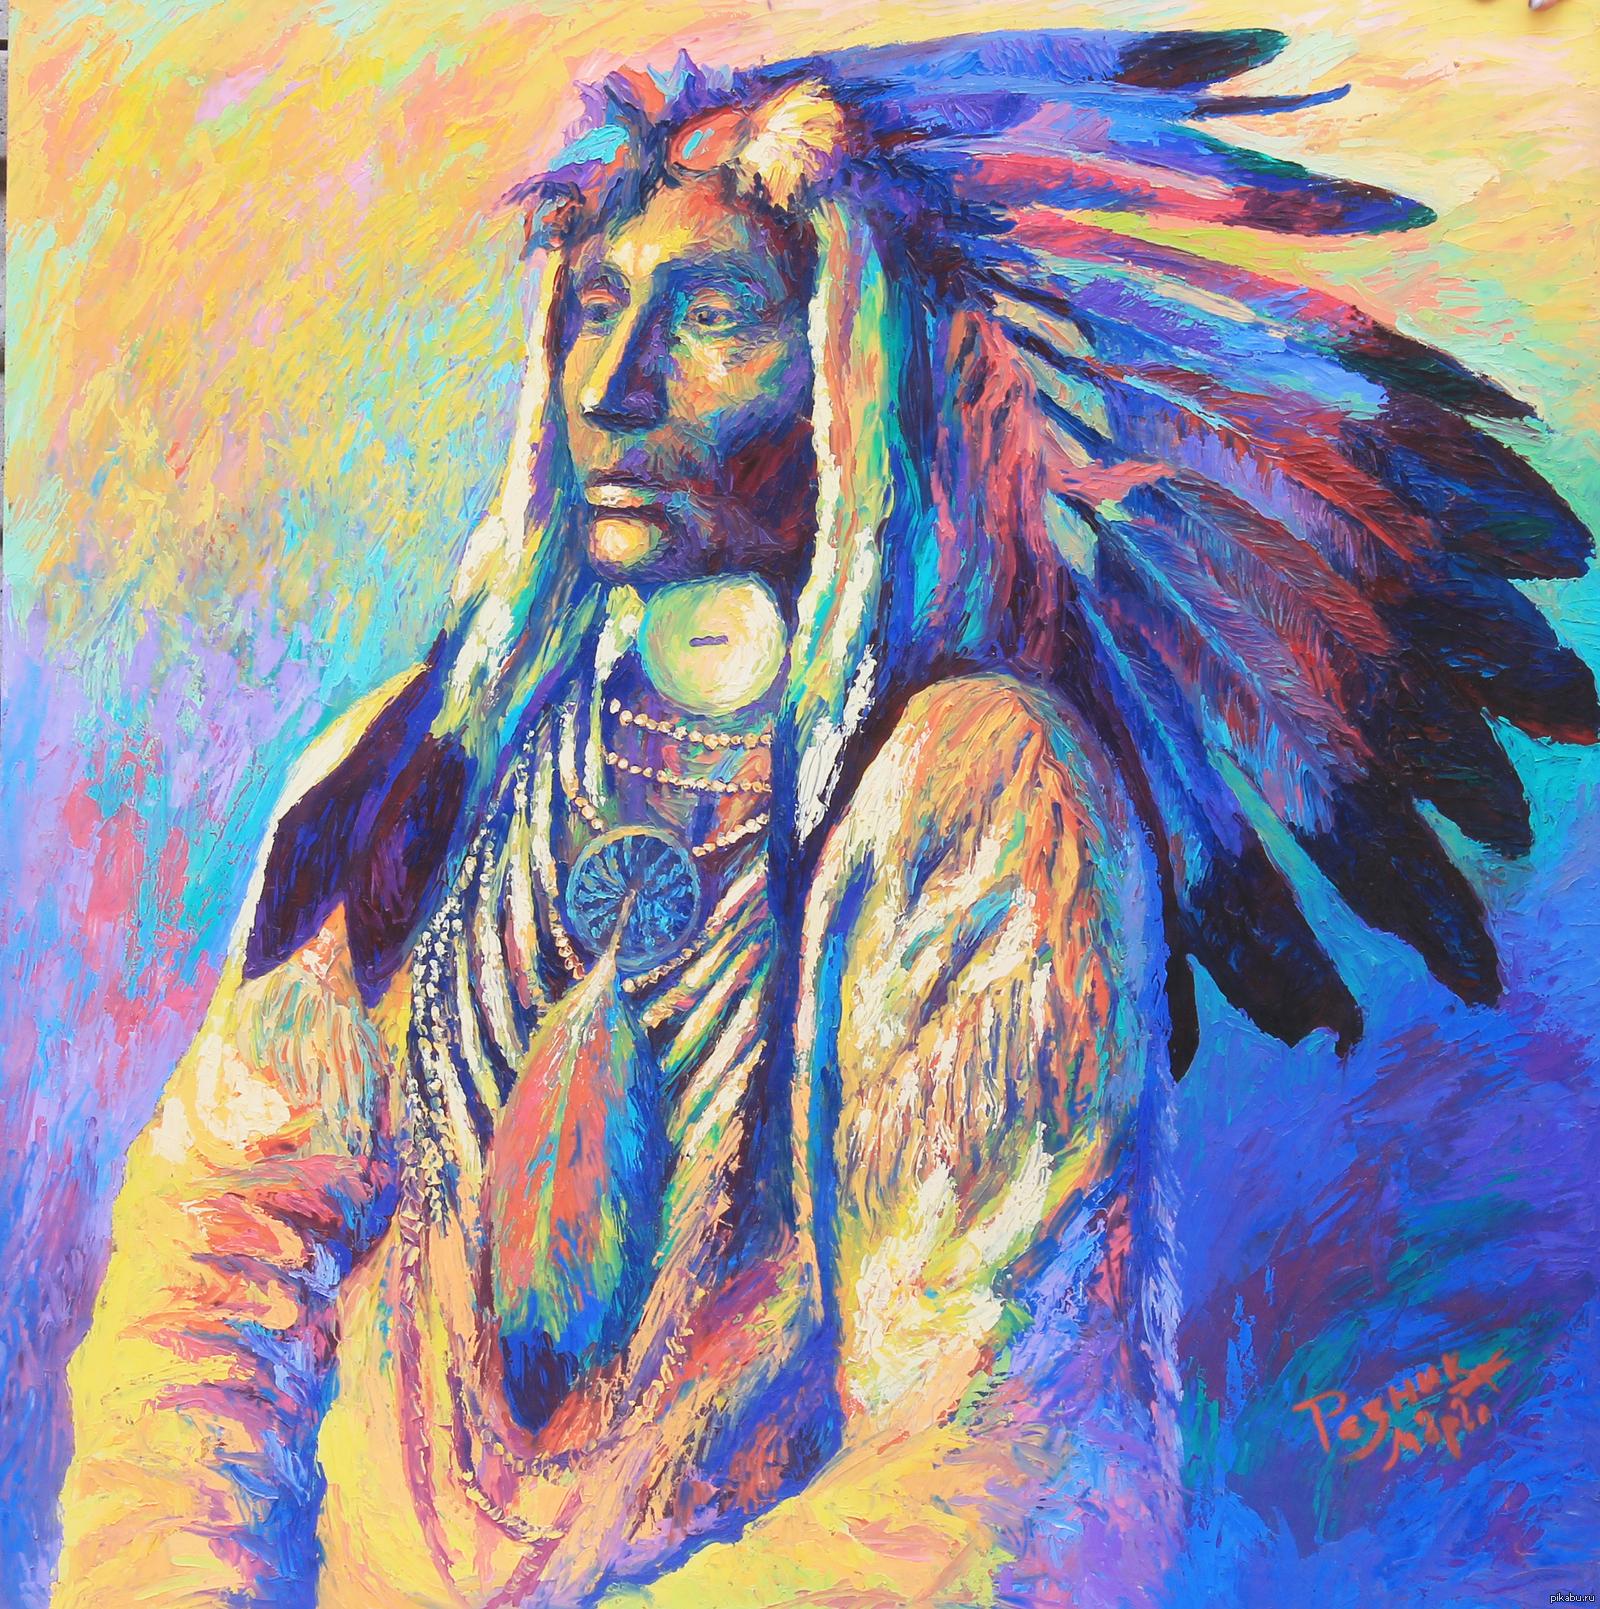 индейцы пейот картинки рисунки известно